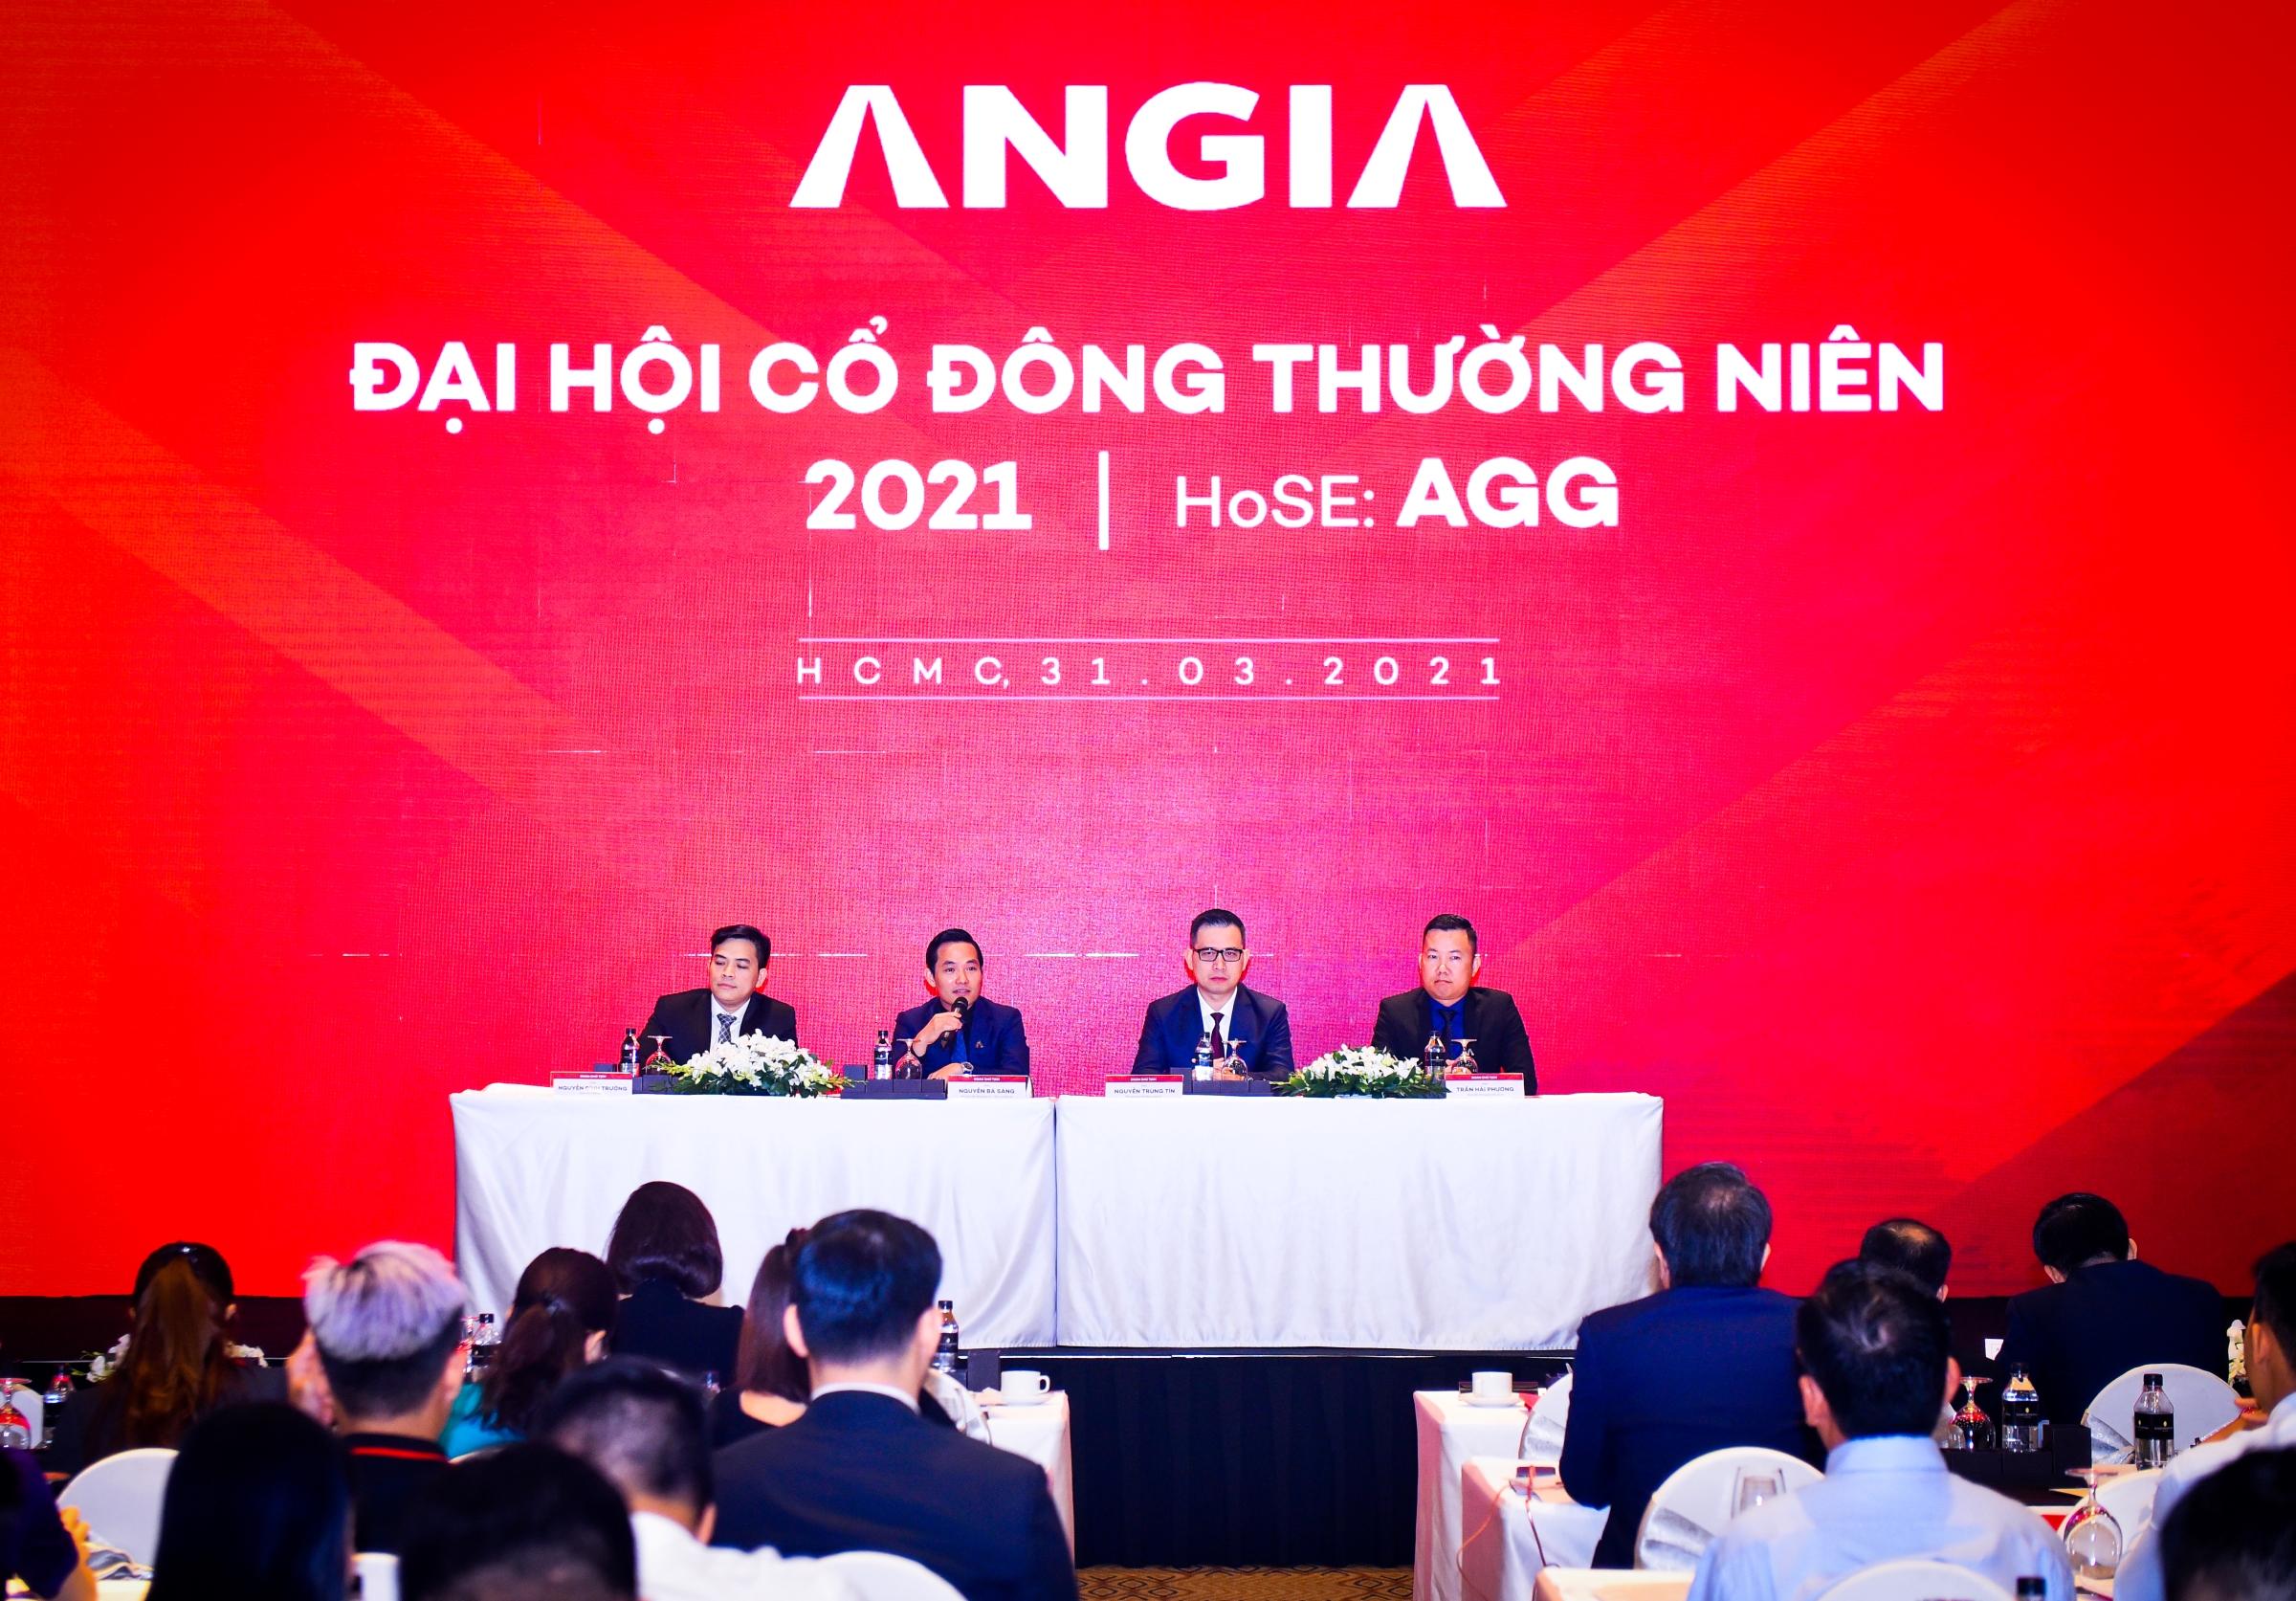 Tại đại hội cổ đông ngày 31/3, An Gia công bố mục tiêu doanh thu 3.600 tỷ đồng năm 2021. Ảnh: An Gia.